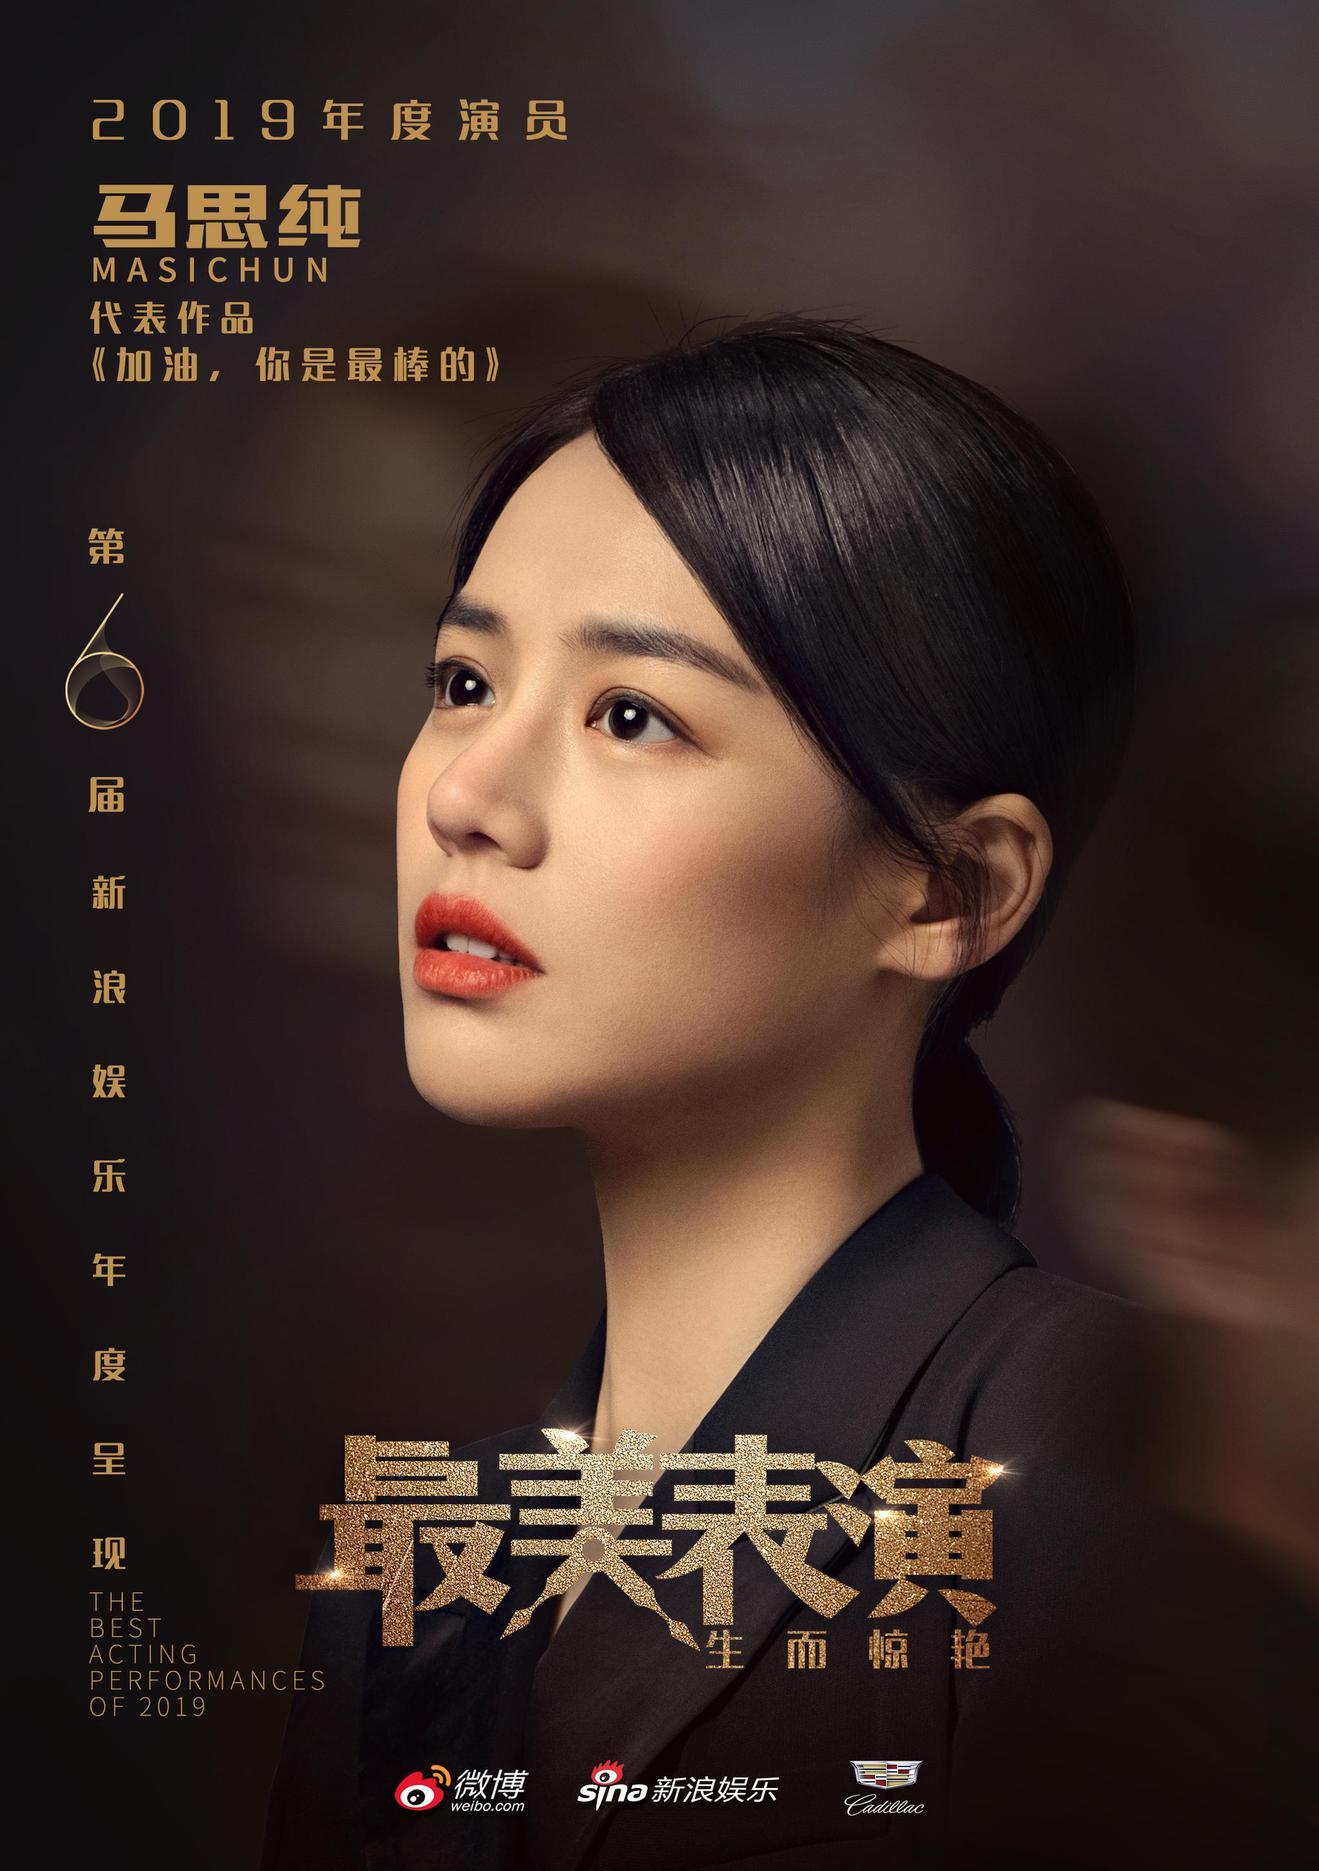 2019最美表演-馬思純